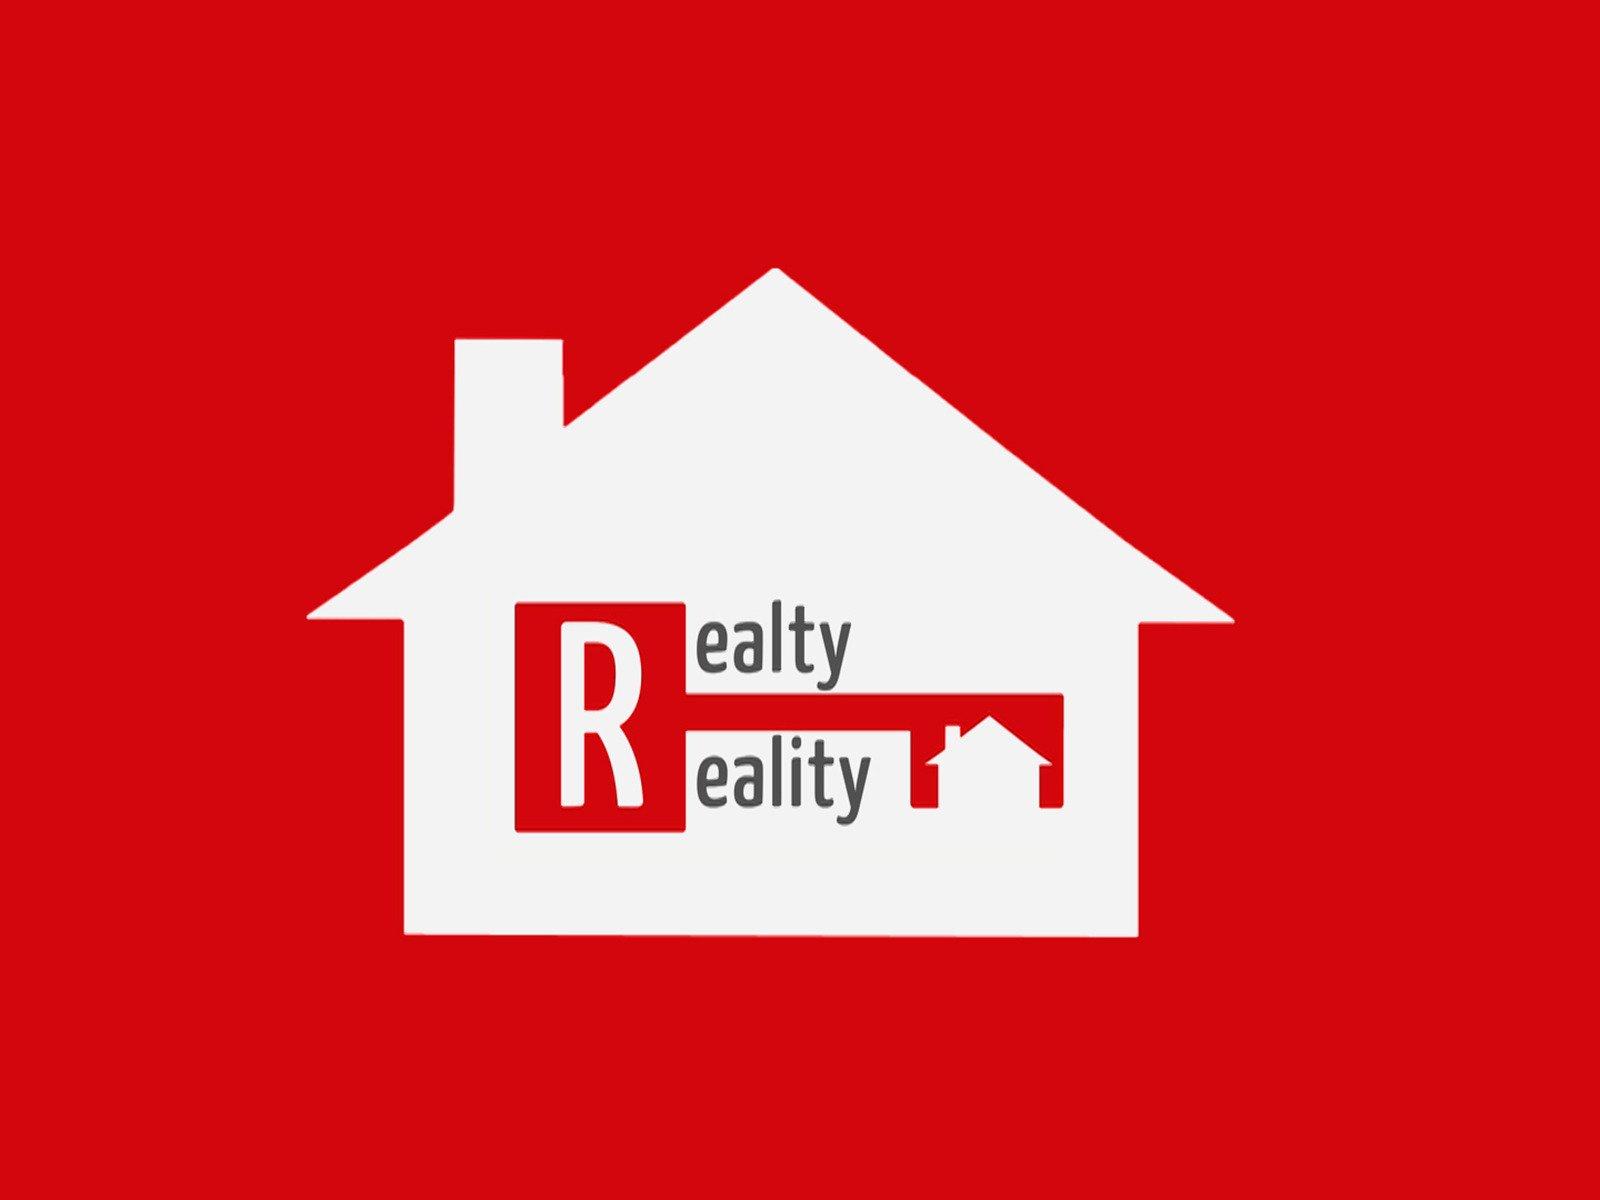 Realty Reality - Season 1